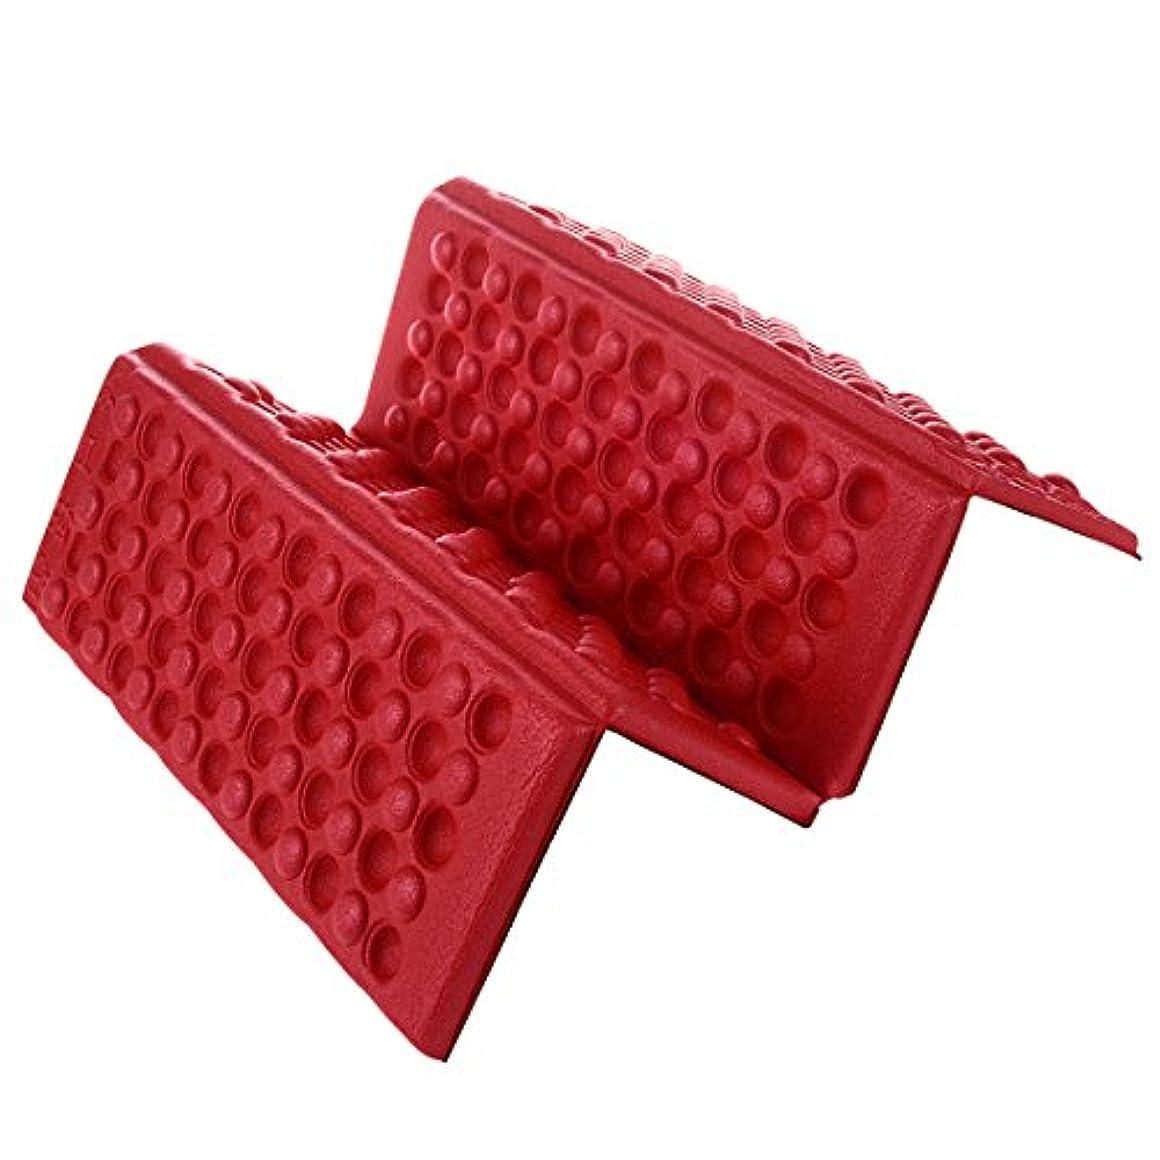 見ましたベッド非難Gaoominy 個性的な折りたたみ泡の防水シート パッド 椅子 クッション 赤